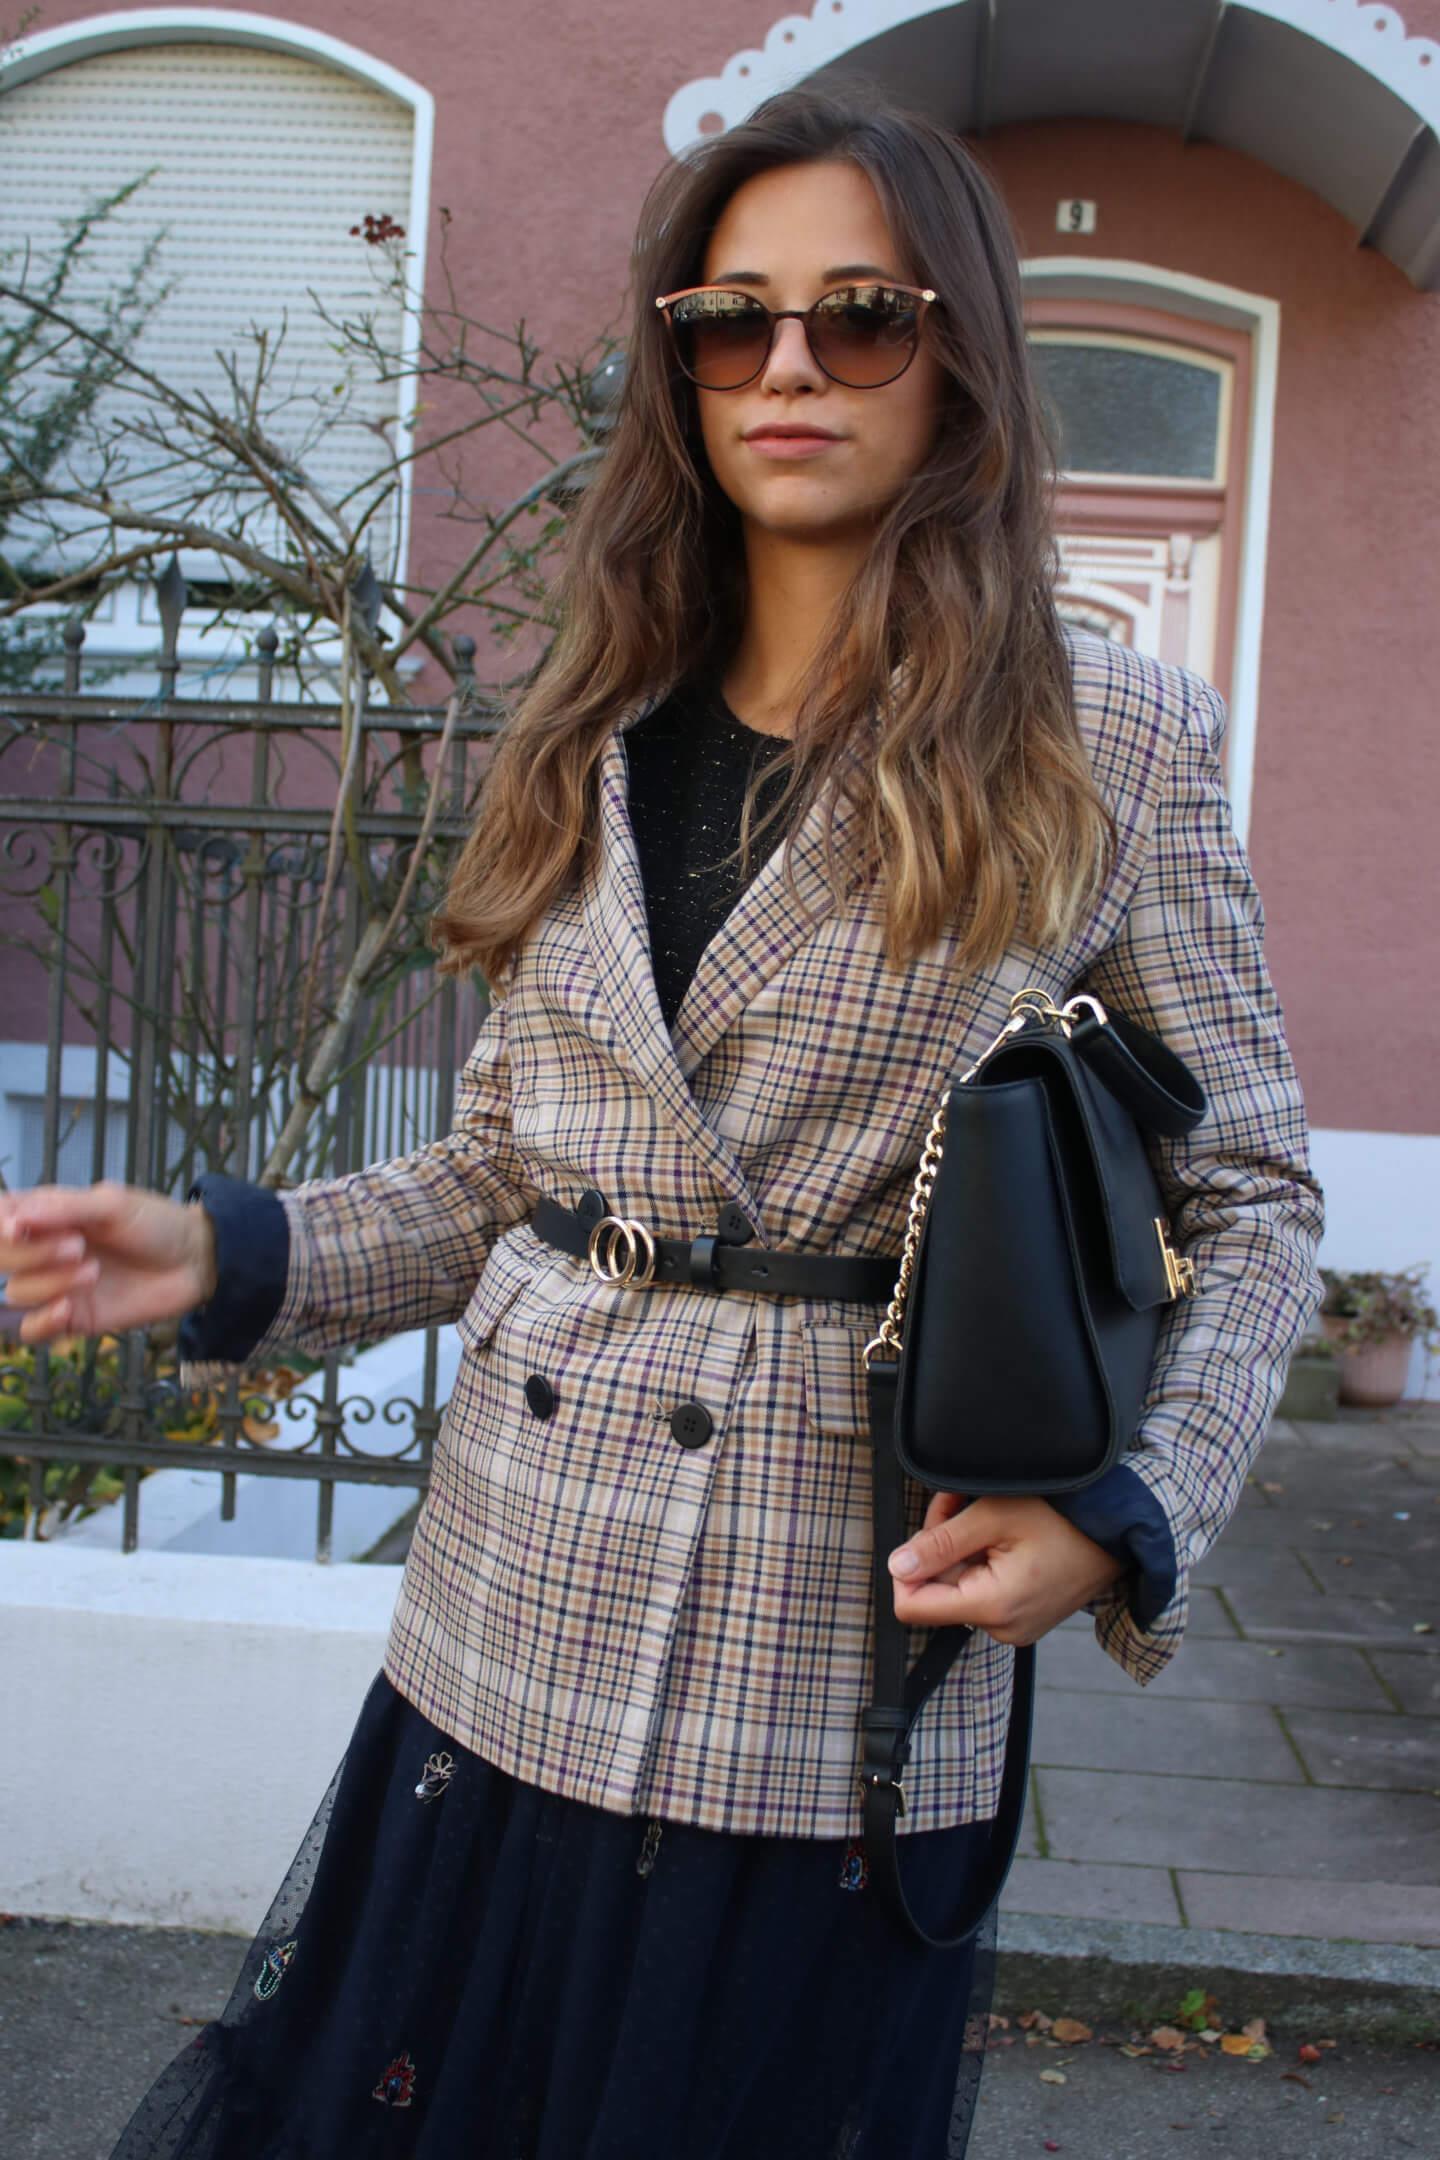 Herbst Outfit mit Midirock und kariertem Blazer in braun I Styling Tipps